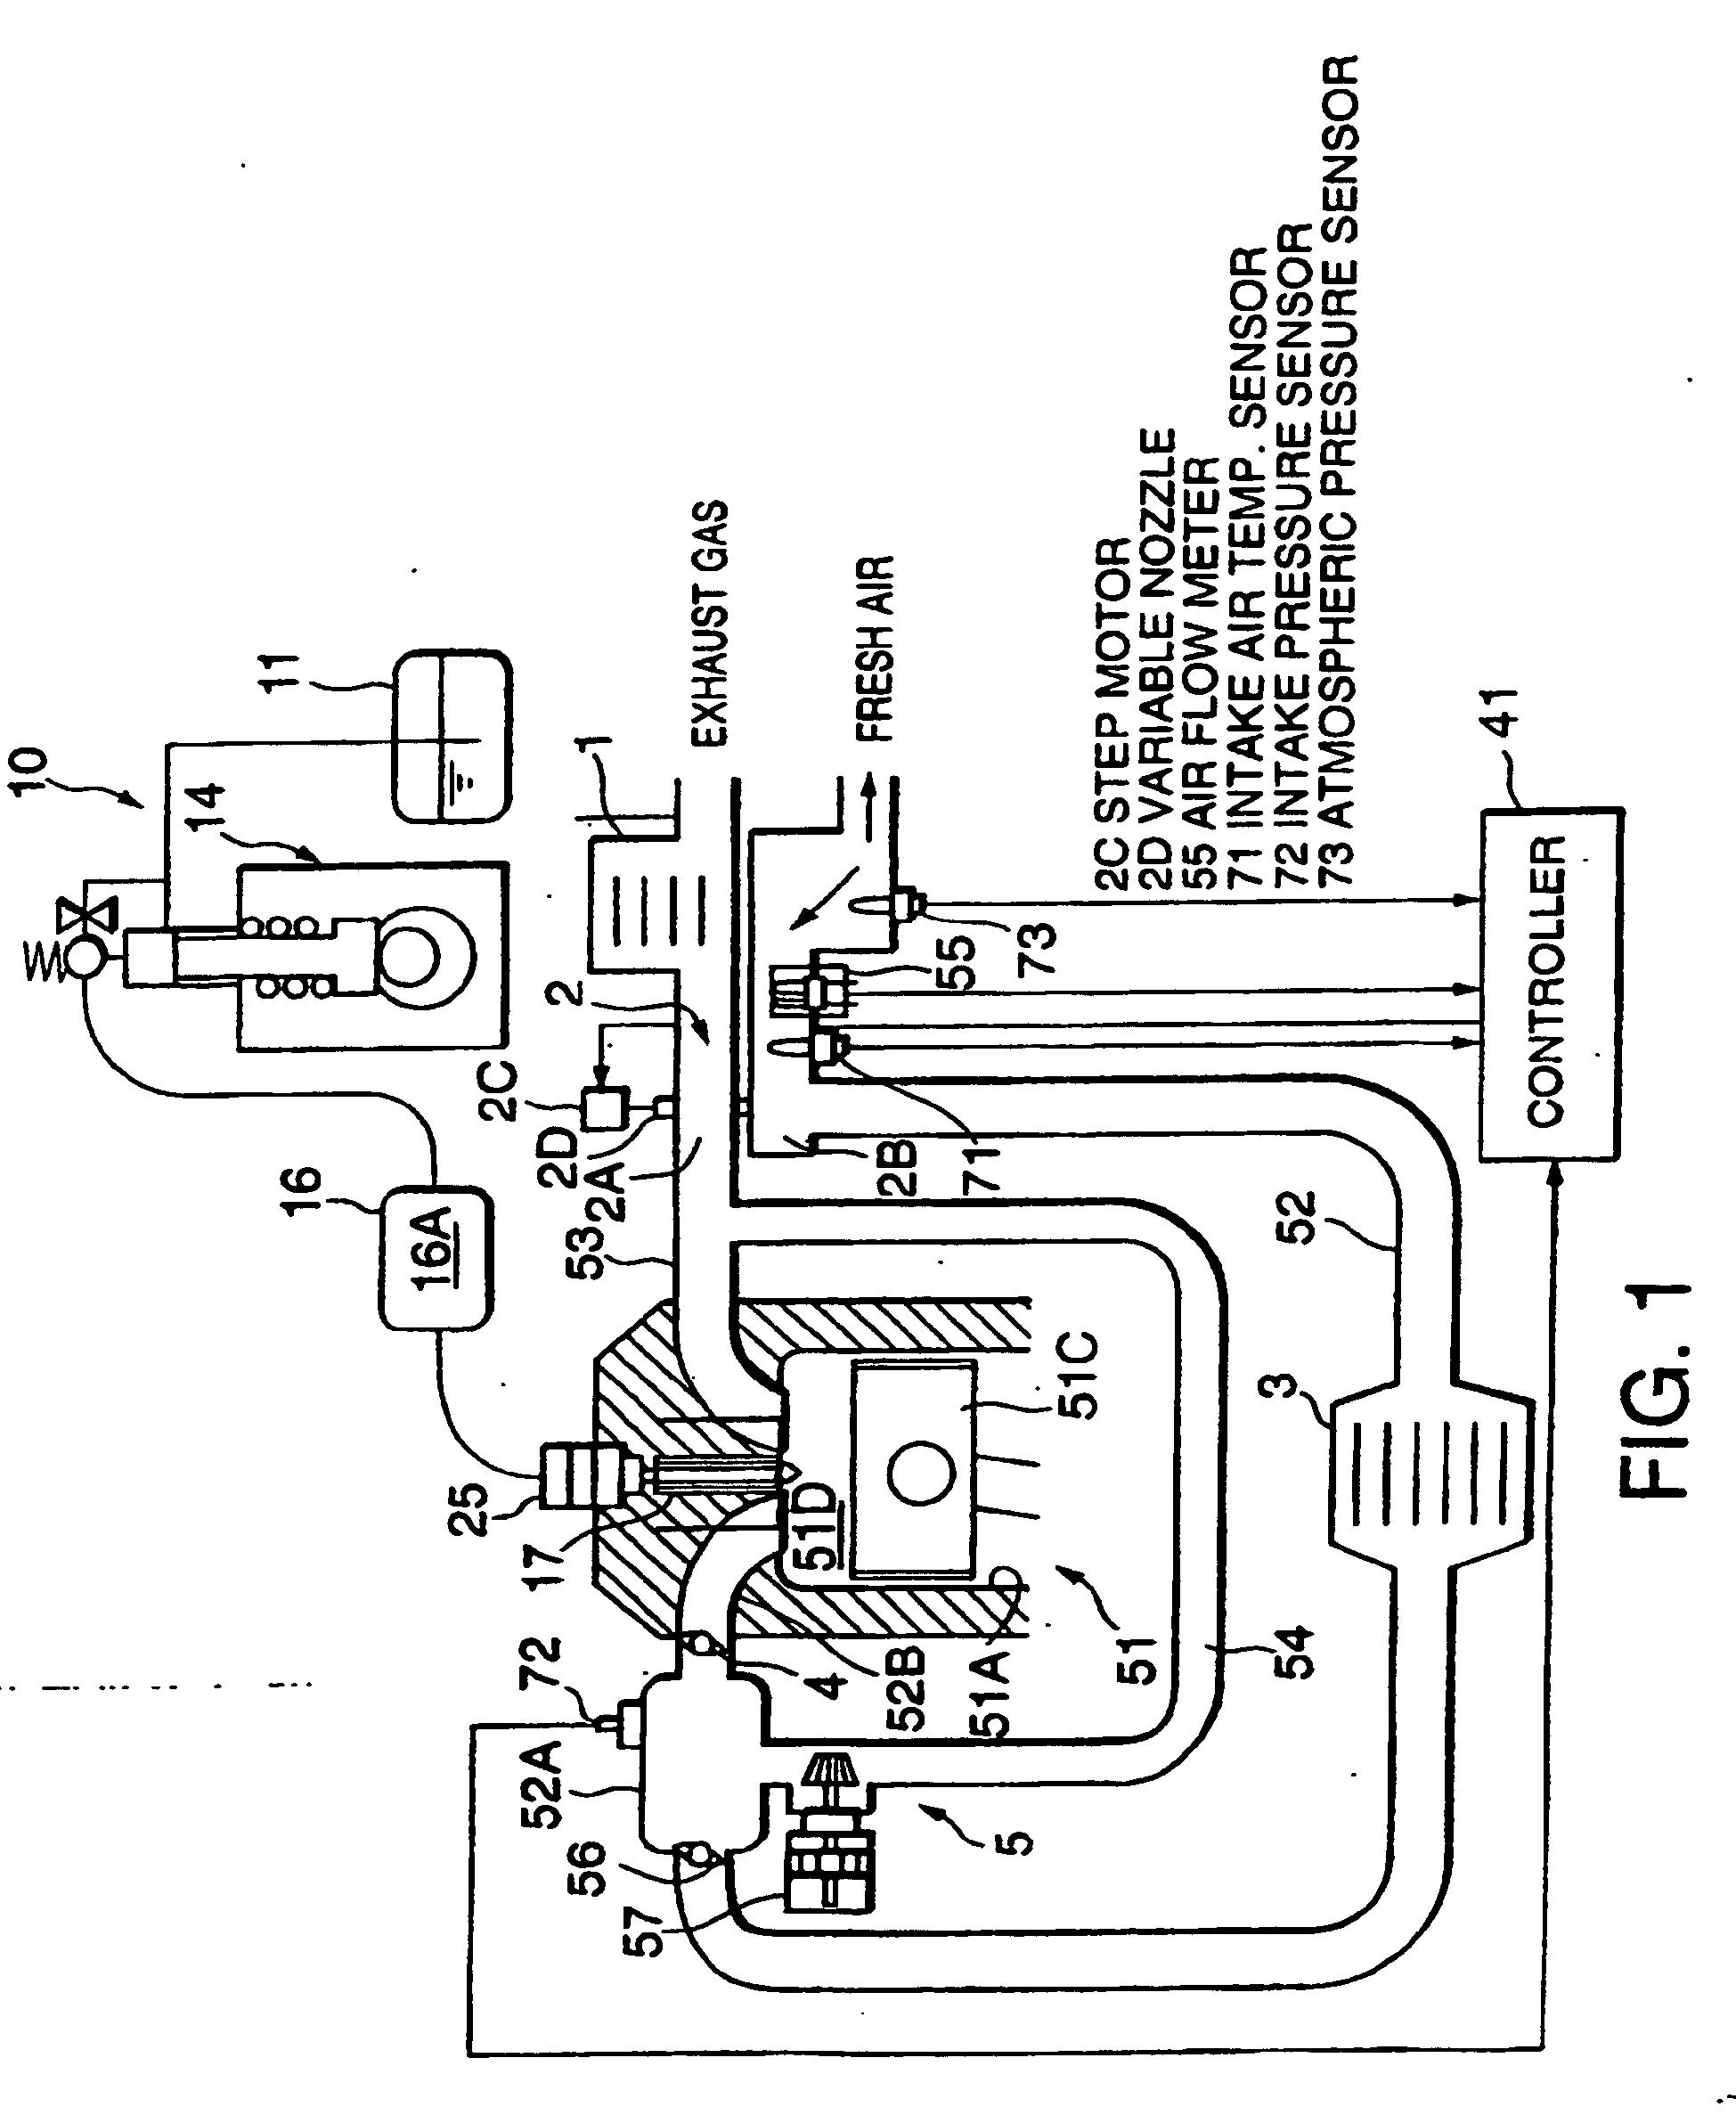 patent ep1221544b1 kraftstoffeinspritzungssteuerung f r einen dieselmotor google patentsuche. Black Bedroom Furniture Sets. Home Design Ideas